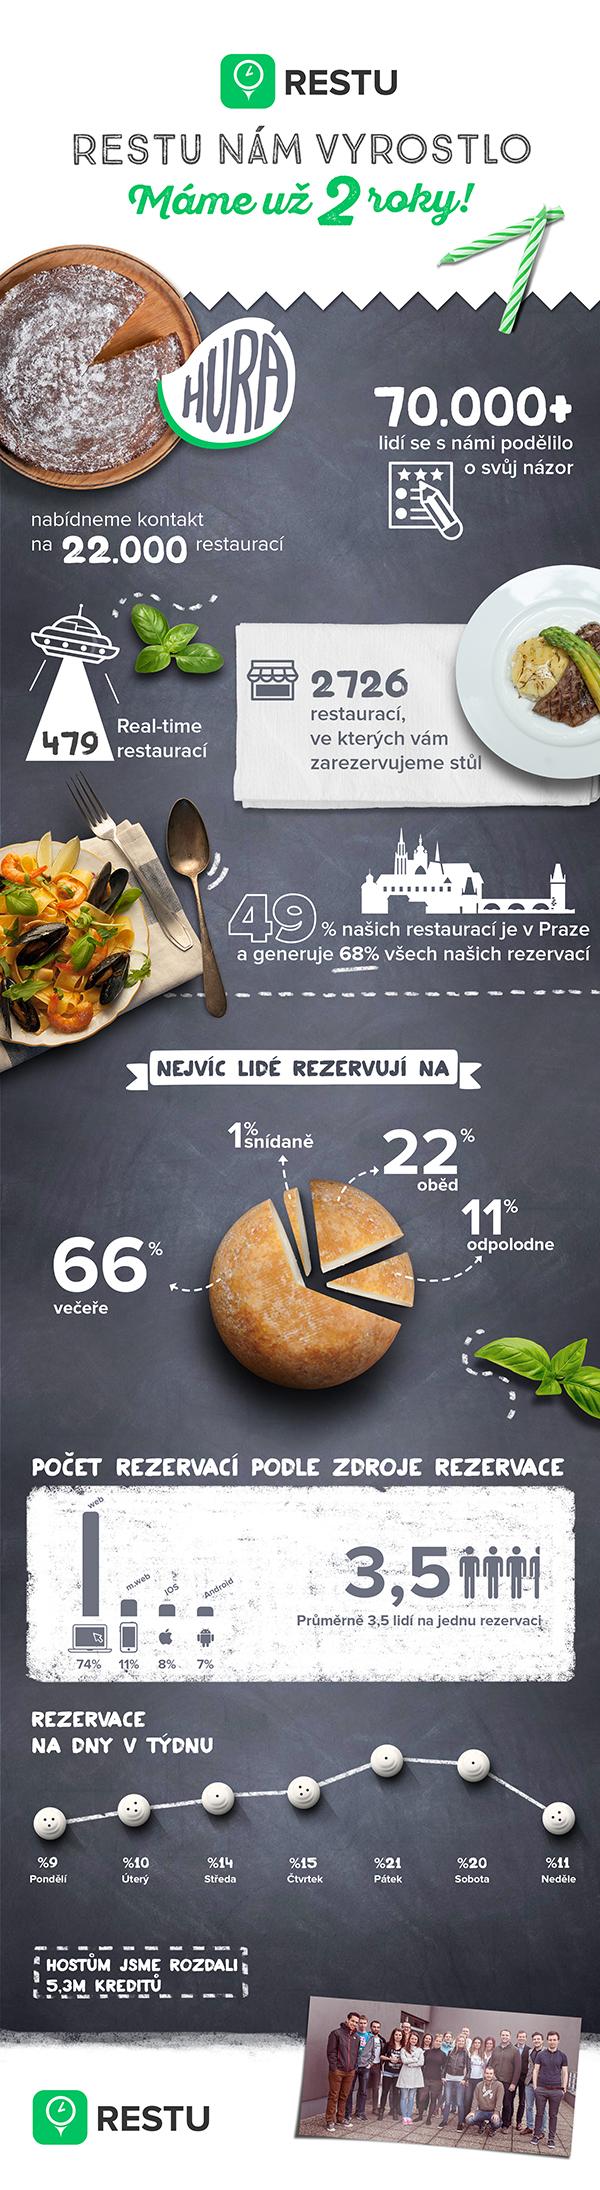 Restu.cz přivedlo za 2 roky existence do restaurací 1,5 milionu hostů